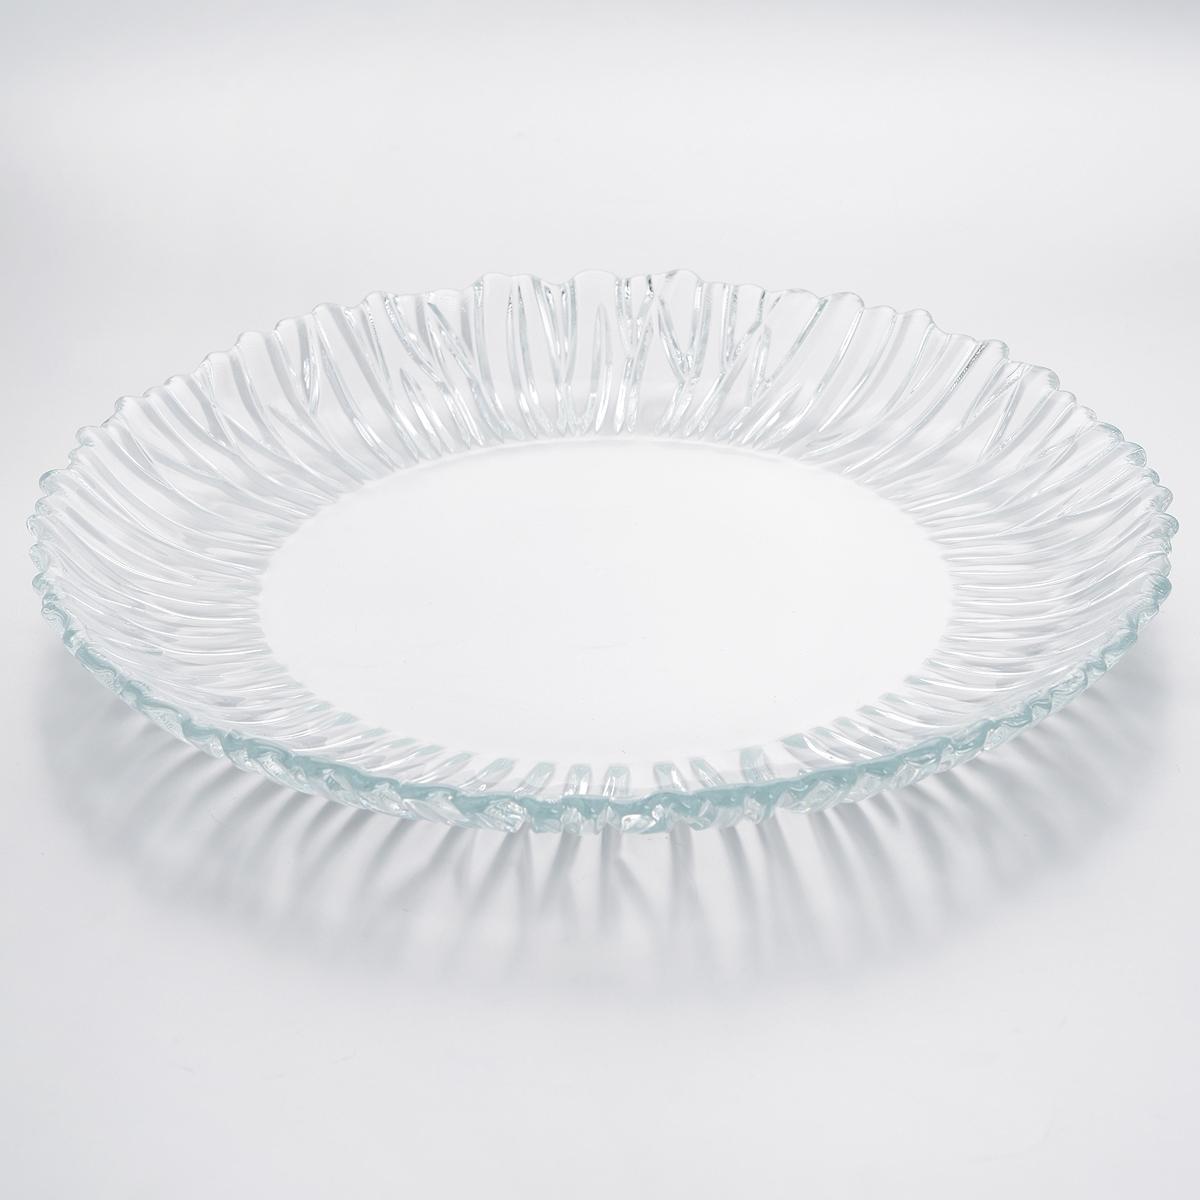 Блюдо Pasabahce Аврора, диаметр 31 см10499BБлюдо Pasabahce Аврора изготовлено из прочного закаленного натрий-кальций-силикатного стекла с повышенной термостойкостью. Изделие имеет круглую форму, украшено изящным рельефом. Блюдо прекрасно подходит для подачи тортов, пирогов и другой выпечки, а также различных закусок и нарезок. Блюдо красиво оформит праздничный стол и удивит вас стильным дизайном. Можно мыть в посудомоечной машине и использовать в микроволновой печи.